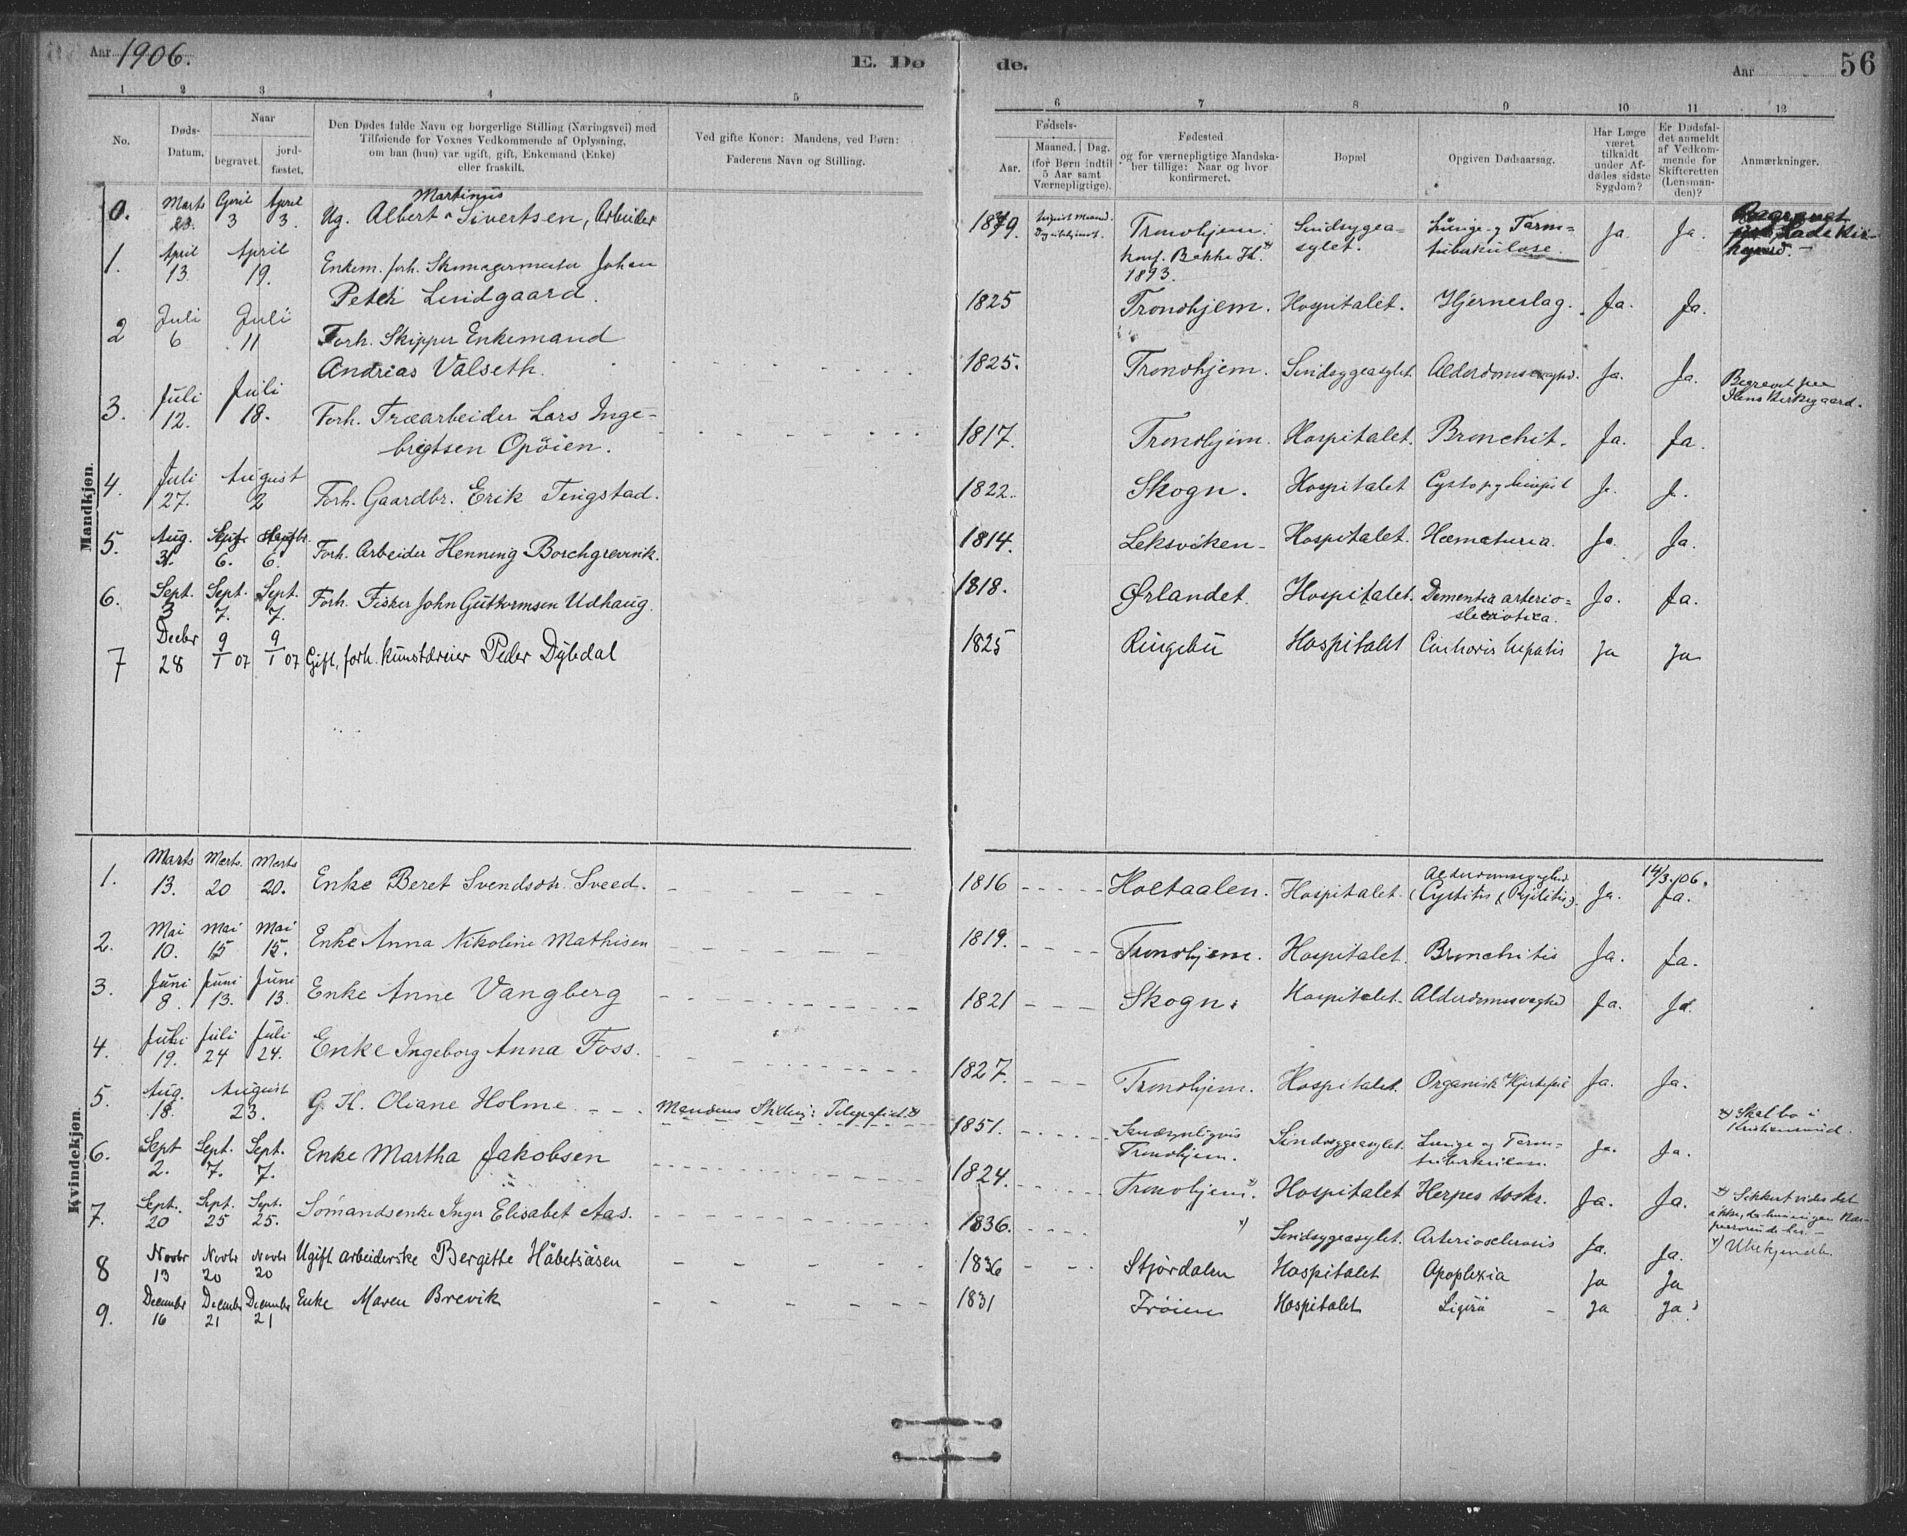 SAT, Ministerialprotokoller, klokkerbøker og fødselsregistre - Sør-Trøndelag, 623/L0470: Ministerialbok nr. 623A04, 1884-1938, s. 56